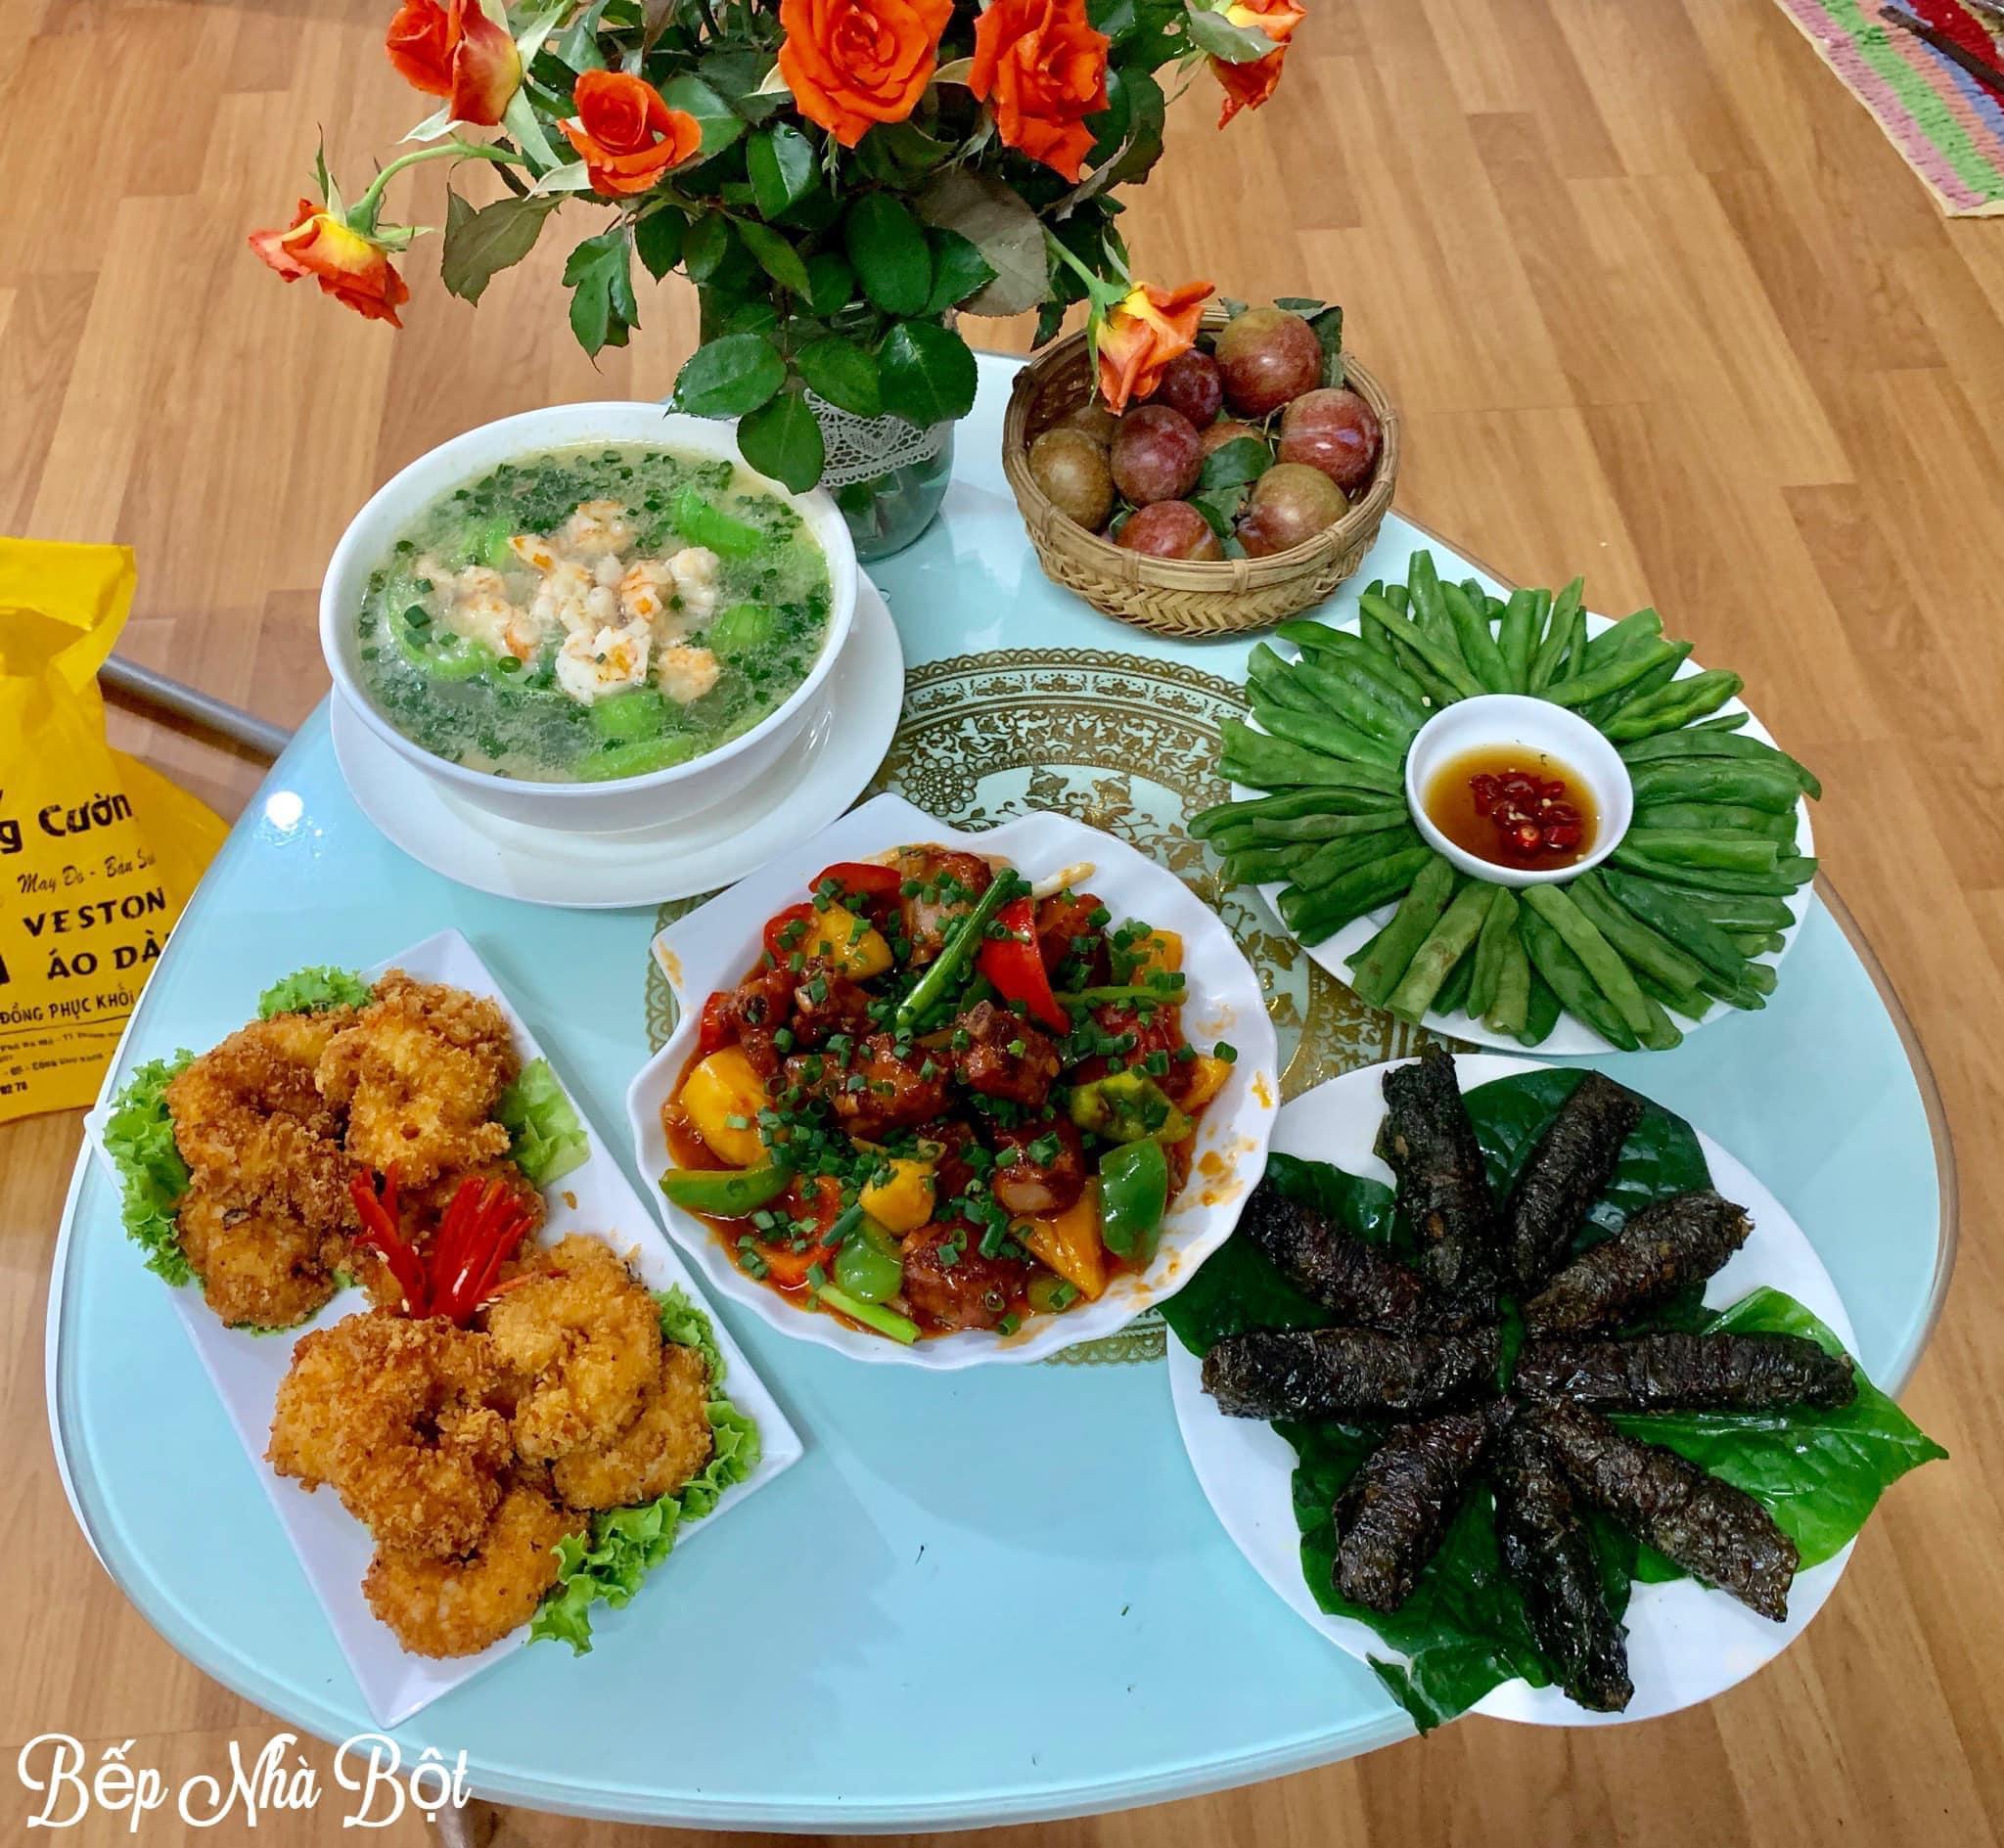 """Mâm cơm chỉ từ 120k của mẹ đơn thân Hà Nội khi coi """"Nấu ăn vì đam mê không phải là trách nhiệm"""" khiến ai nhìn cũng phải xuýt xoa - Ảnh 6."""